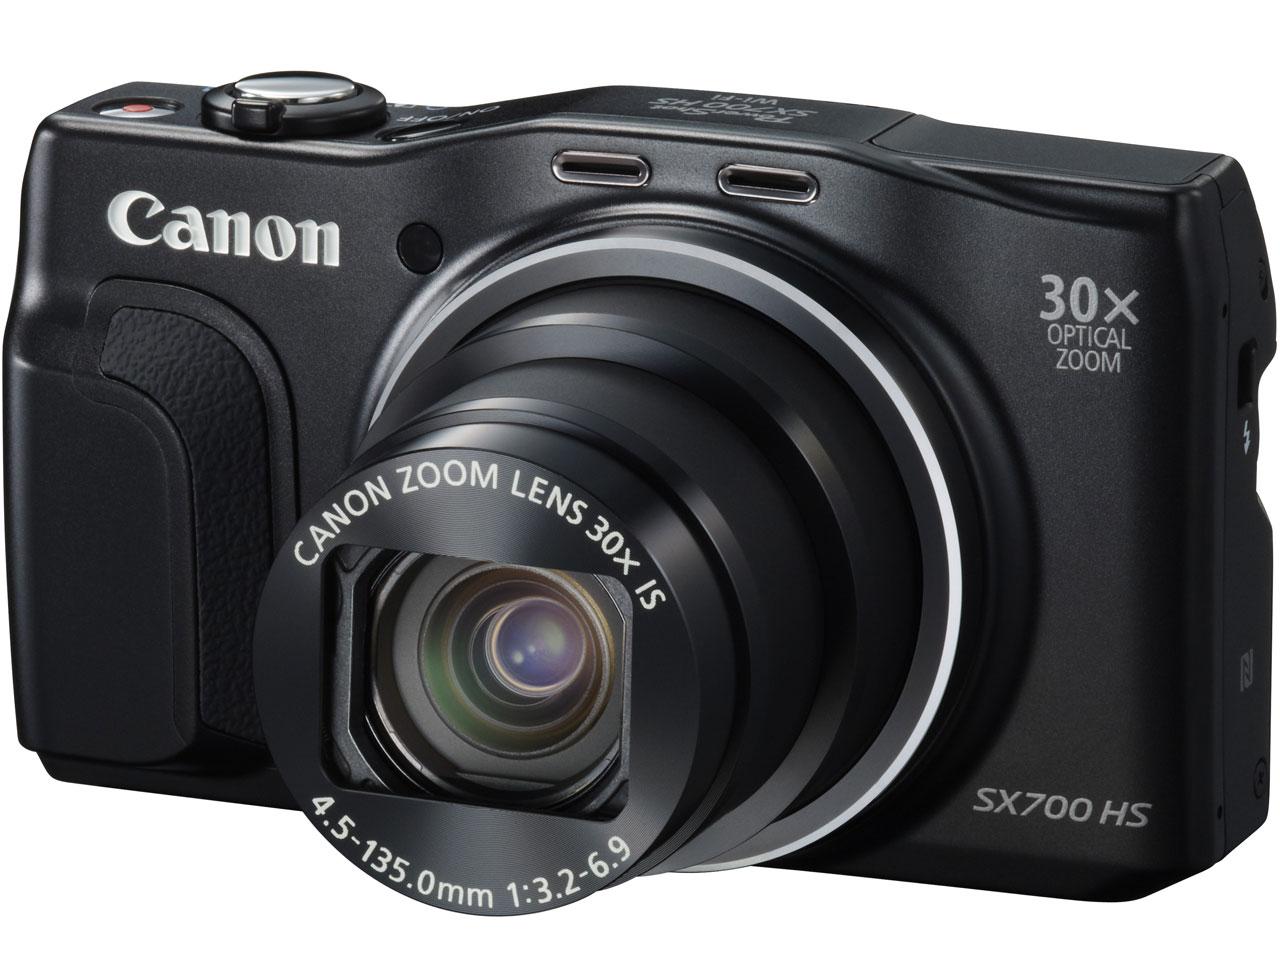 PowerShot SX700 HS [ブラック] の製品画像